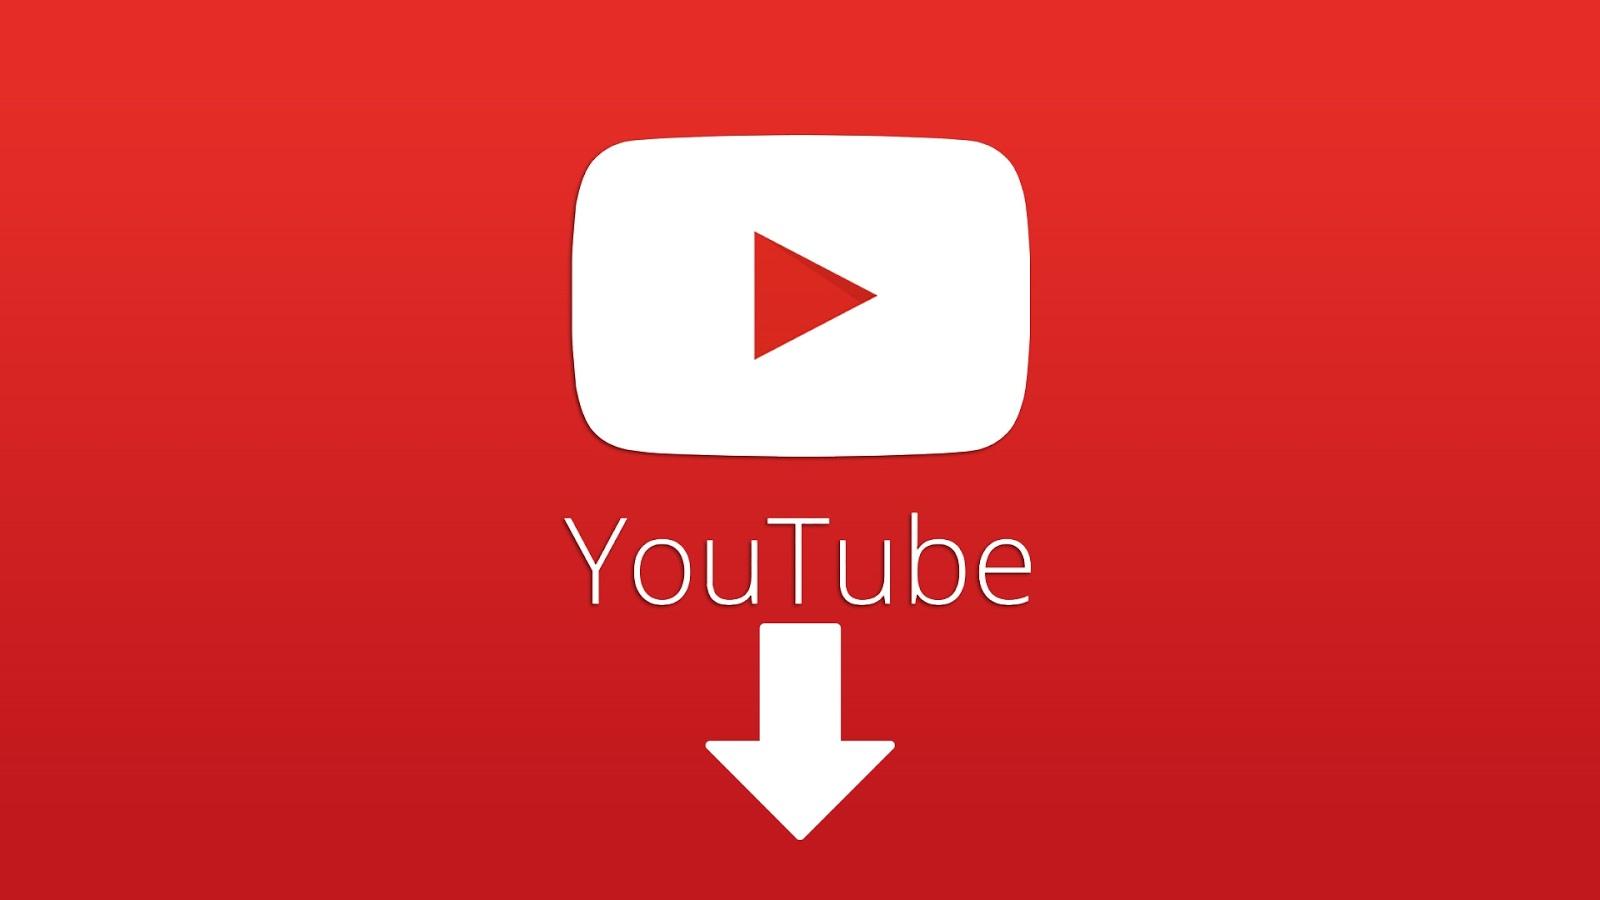 طريقة تحميل فيديو من اليوتيوب مباشرة بدون استخدام برامج